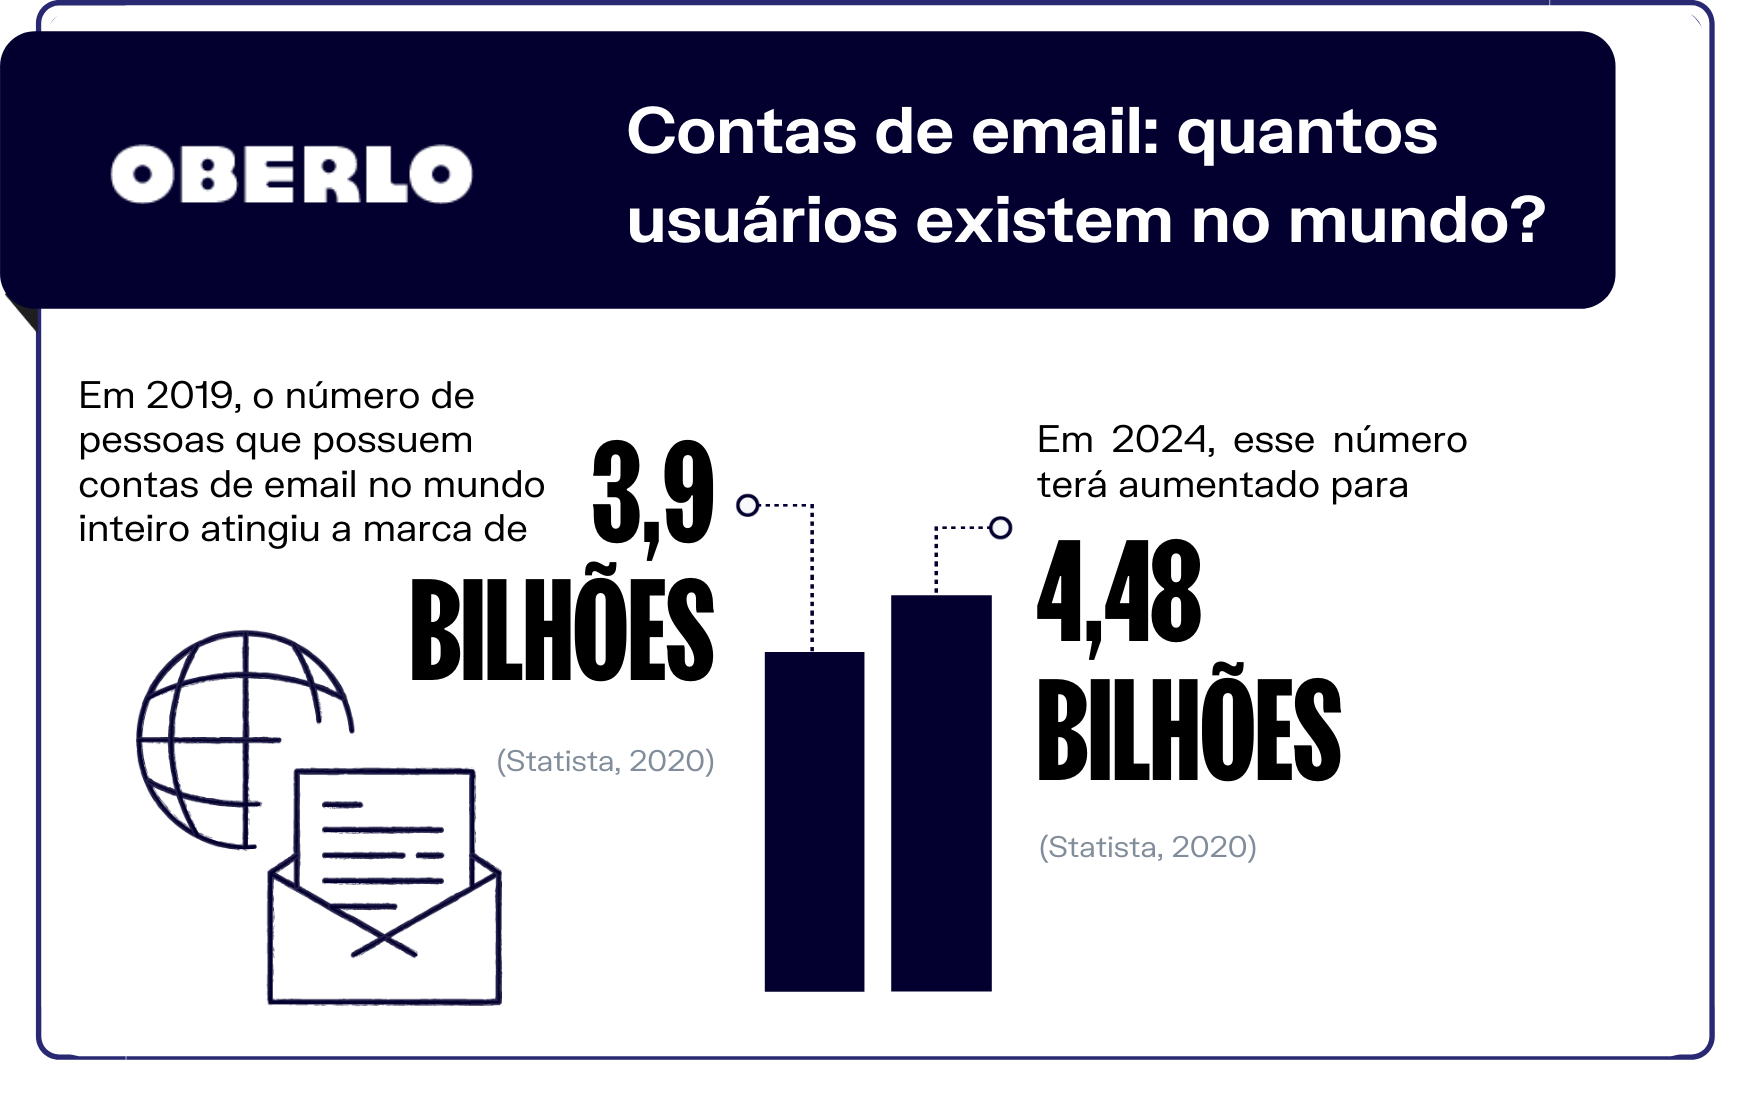 Estatísticas de email - Contas de email: quantos usuários existem no mundo?